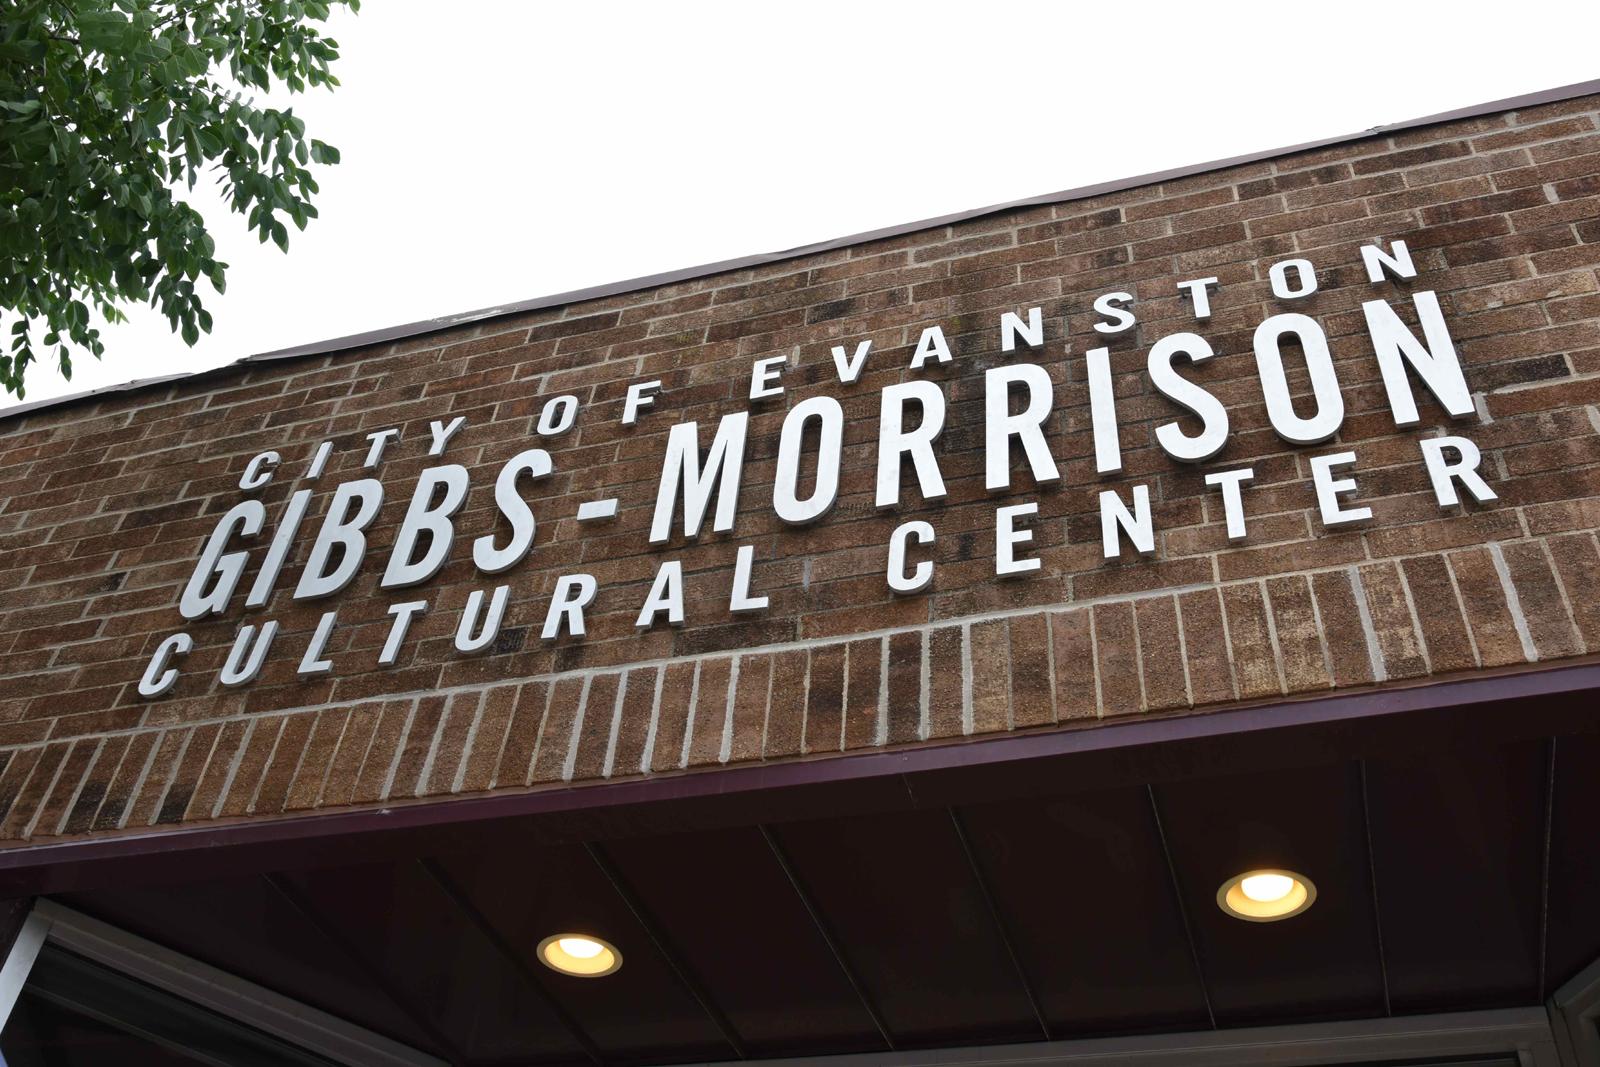 Gibbs-Morrison